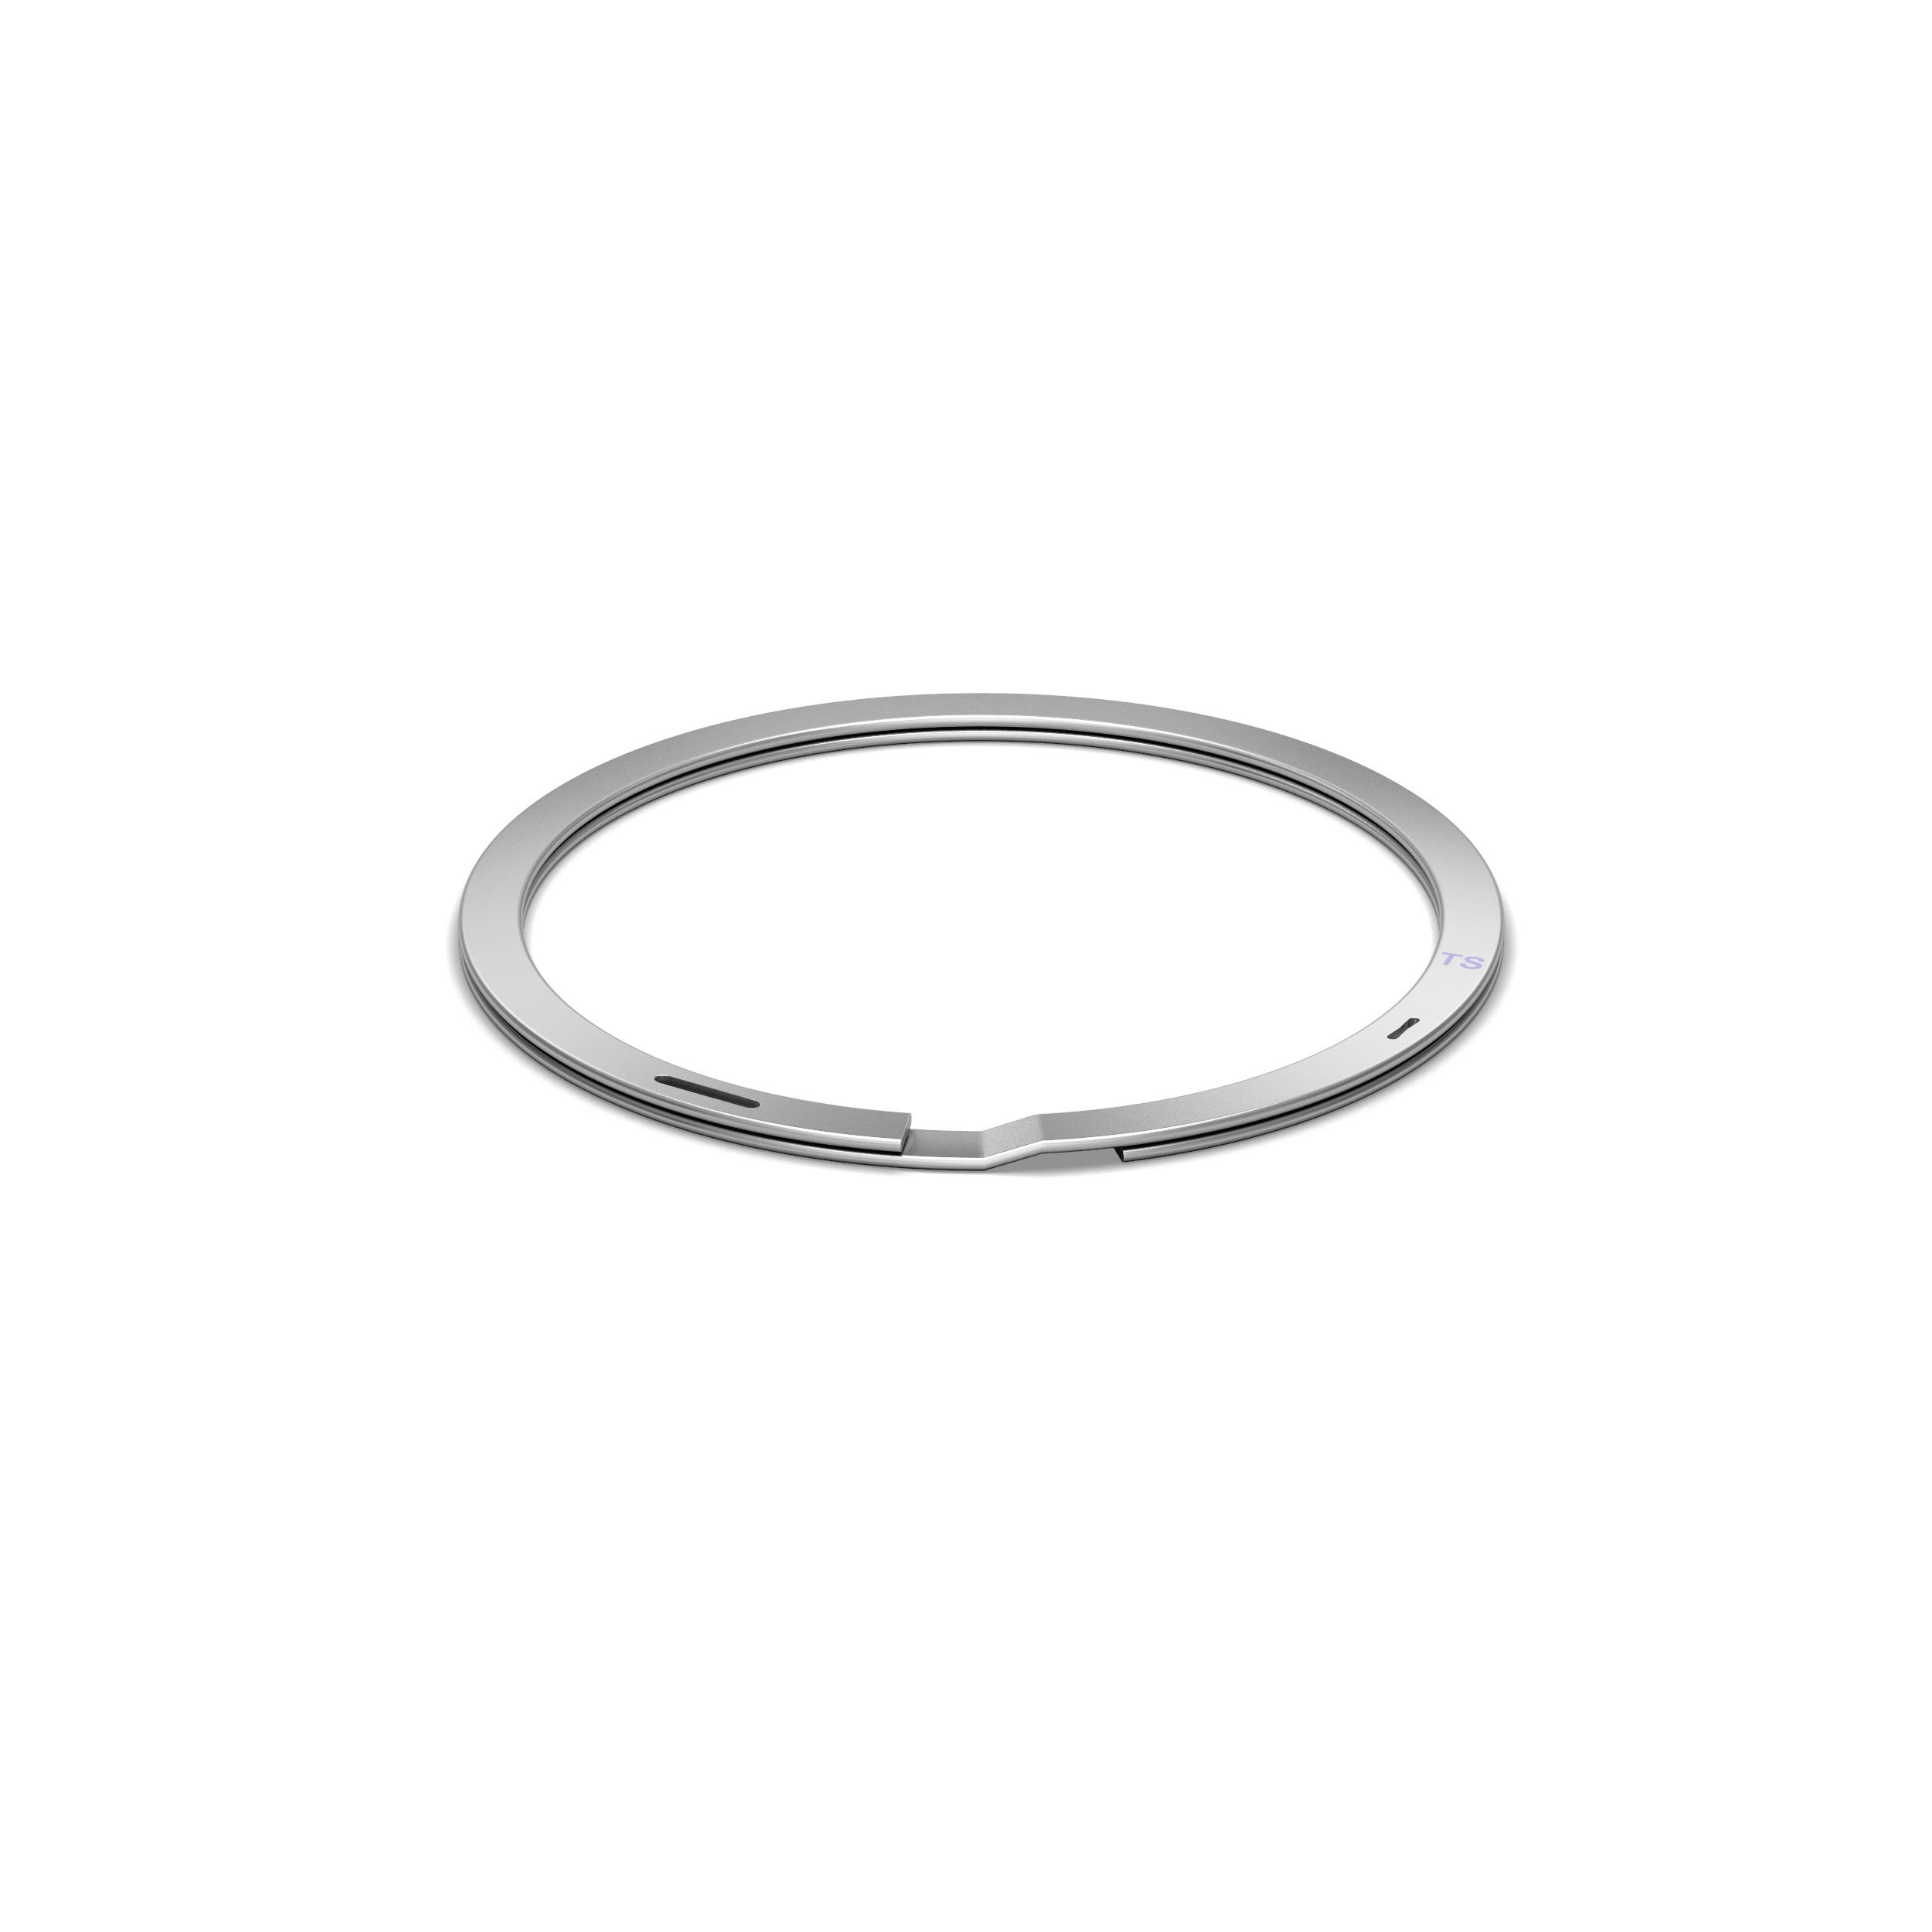 RETAINING RINGS/Self-Locking Rings